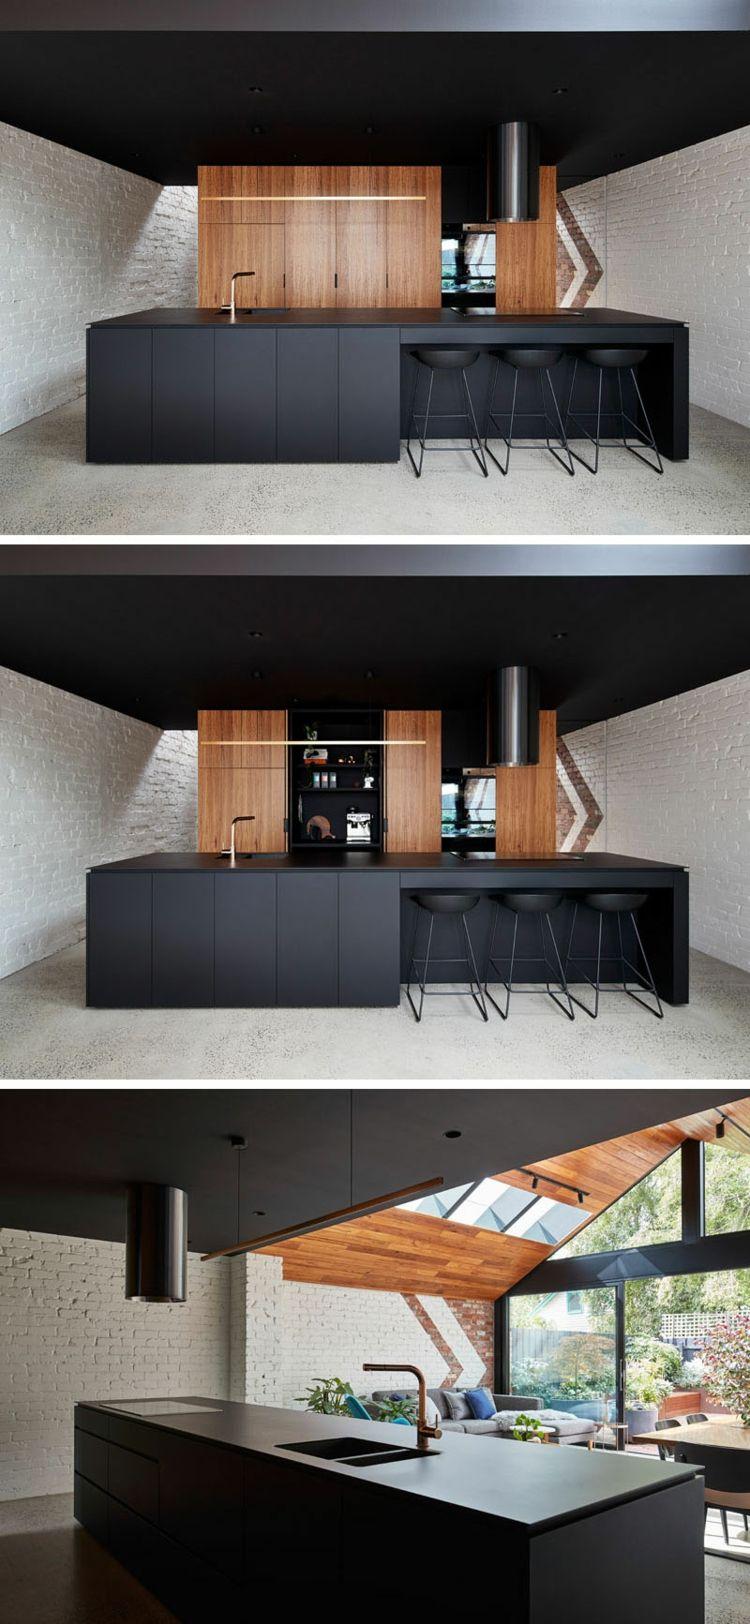 Atemberaubend Designs Küchenschränke Bilder - Ideen Für Die Küche ...